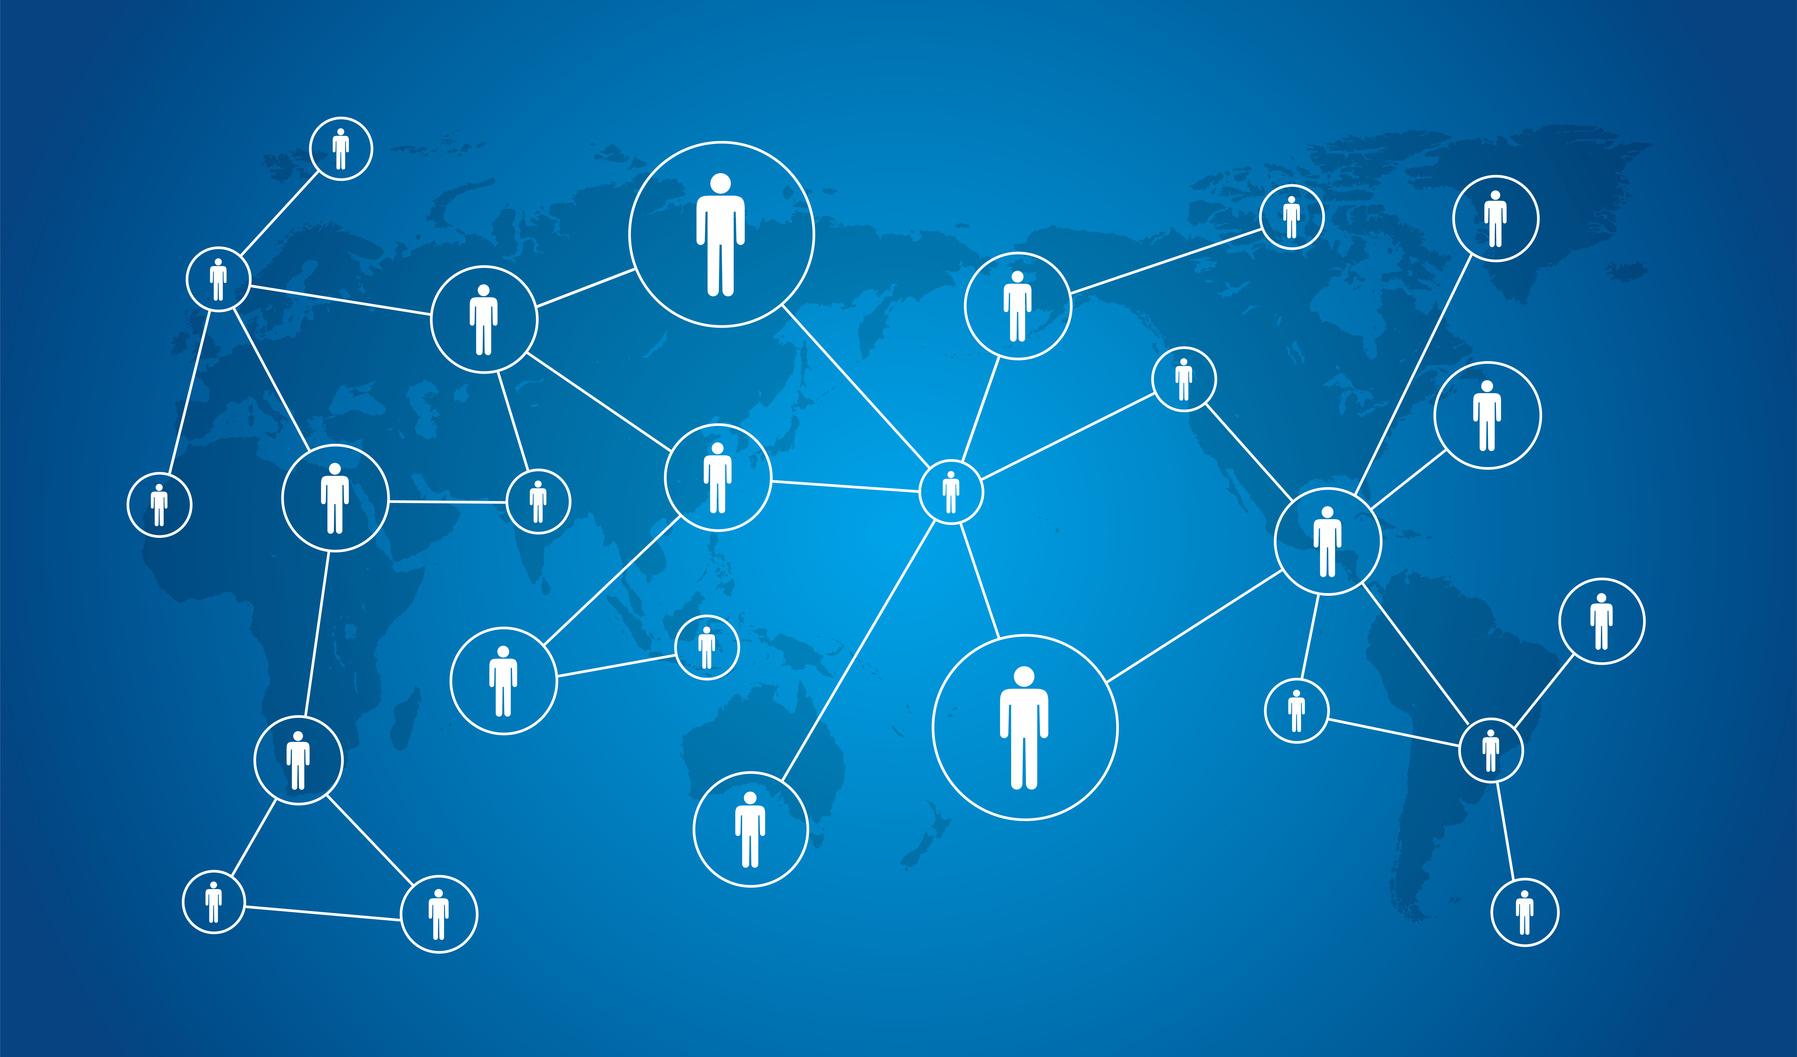 世界中で利用されているソーシャルメディア